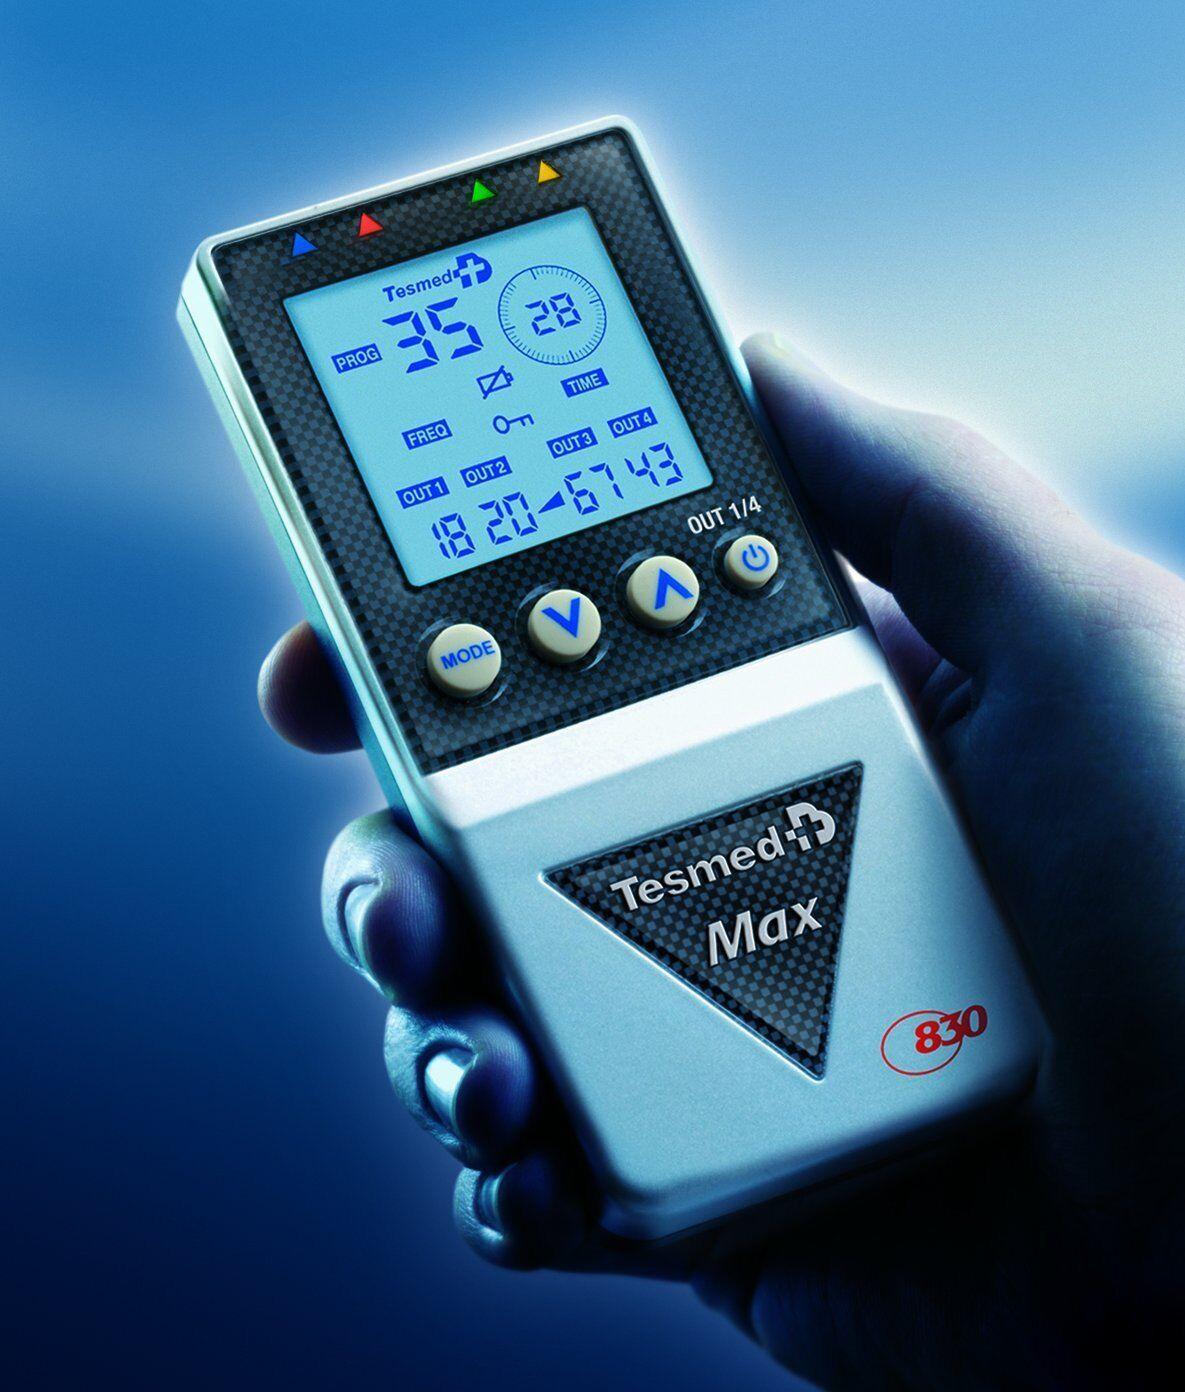 Elettrostimolatore muscolare professionale Tesmed MAX 830 - Offerta lancio!